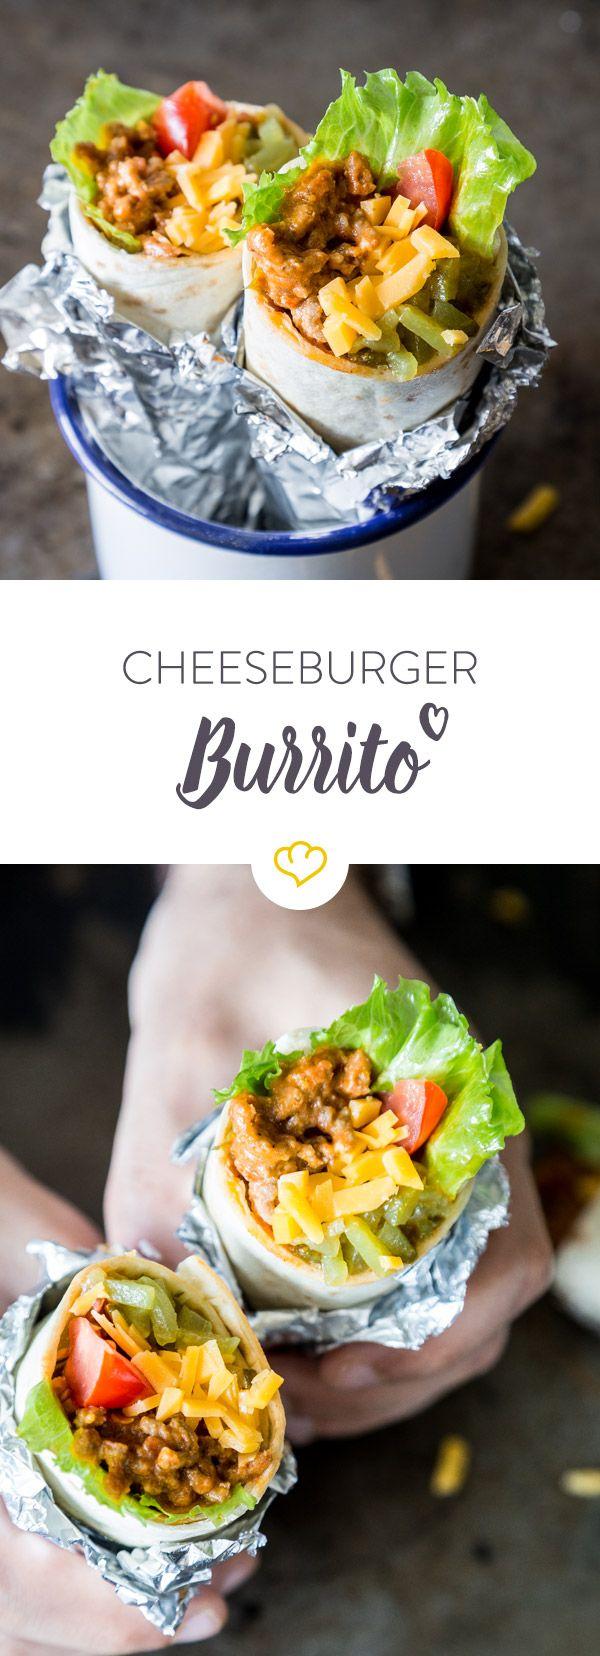 Ein guter Cheeseburger ist schon eine verdammt gute Erfindung. Ein Burrito aber auch. Trödel nicht lange rum und mixe einfach beides zusammen.